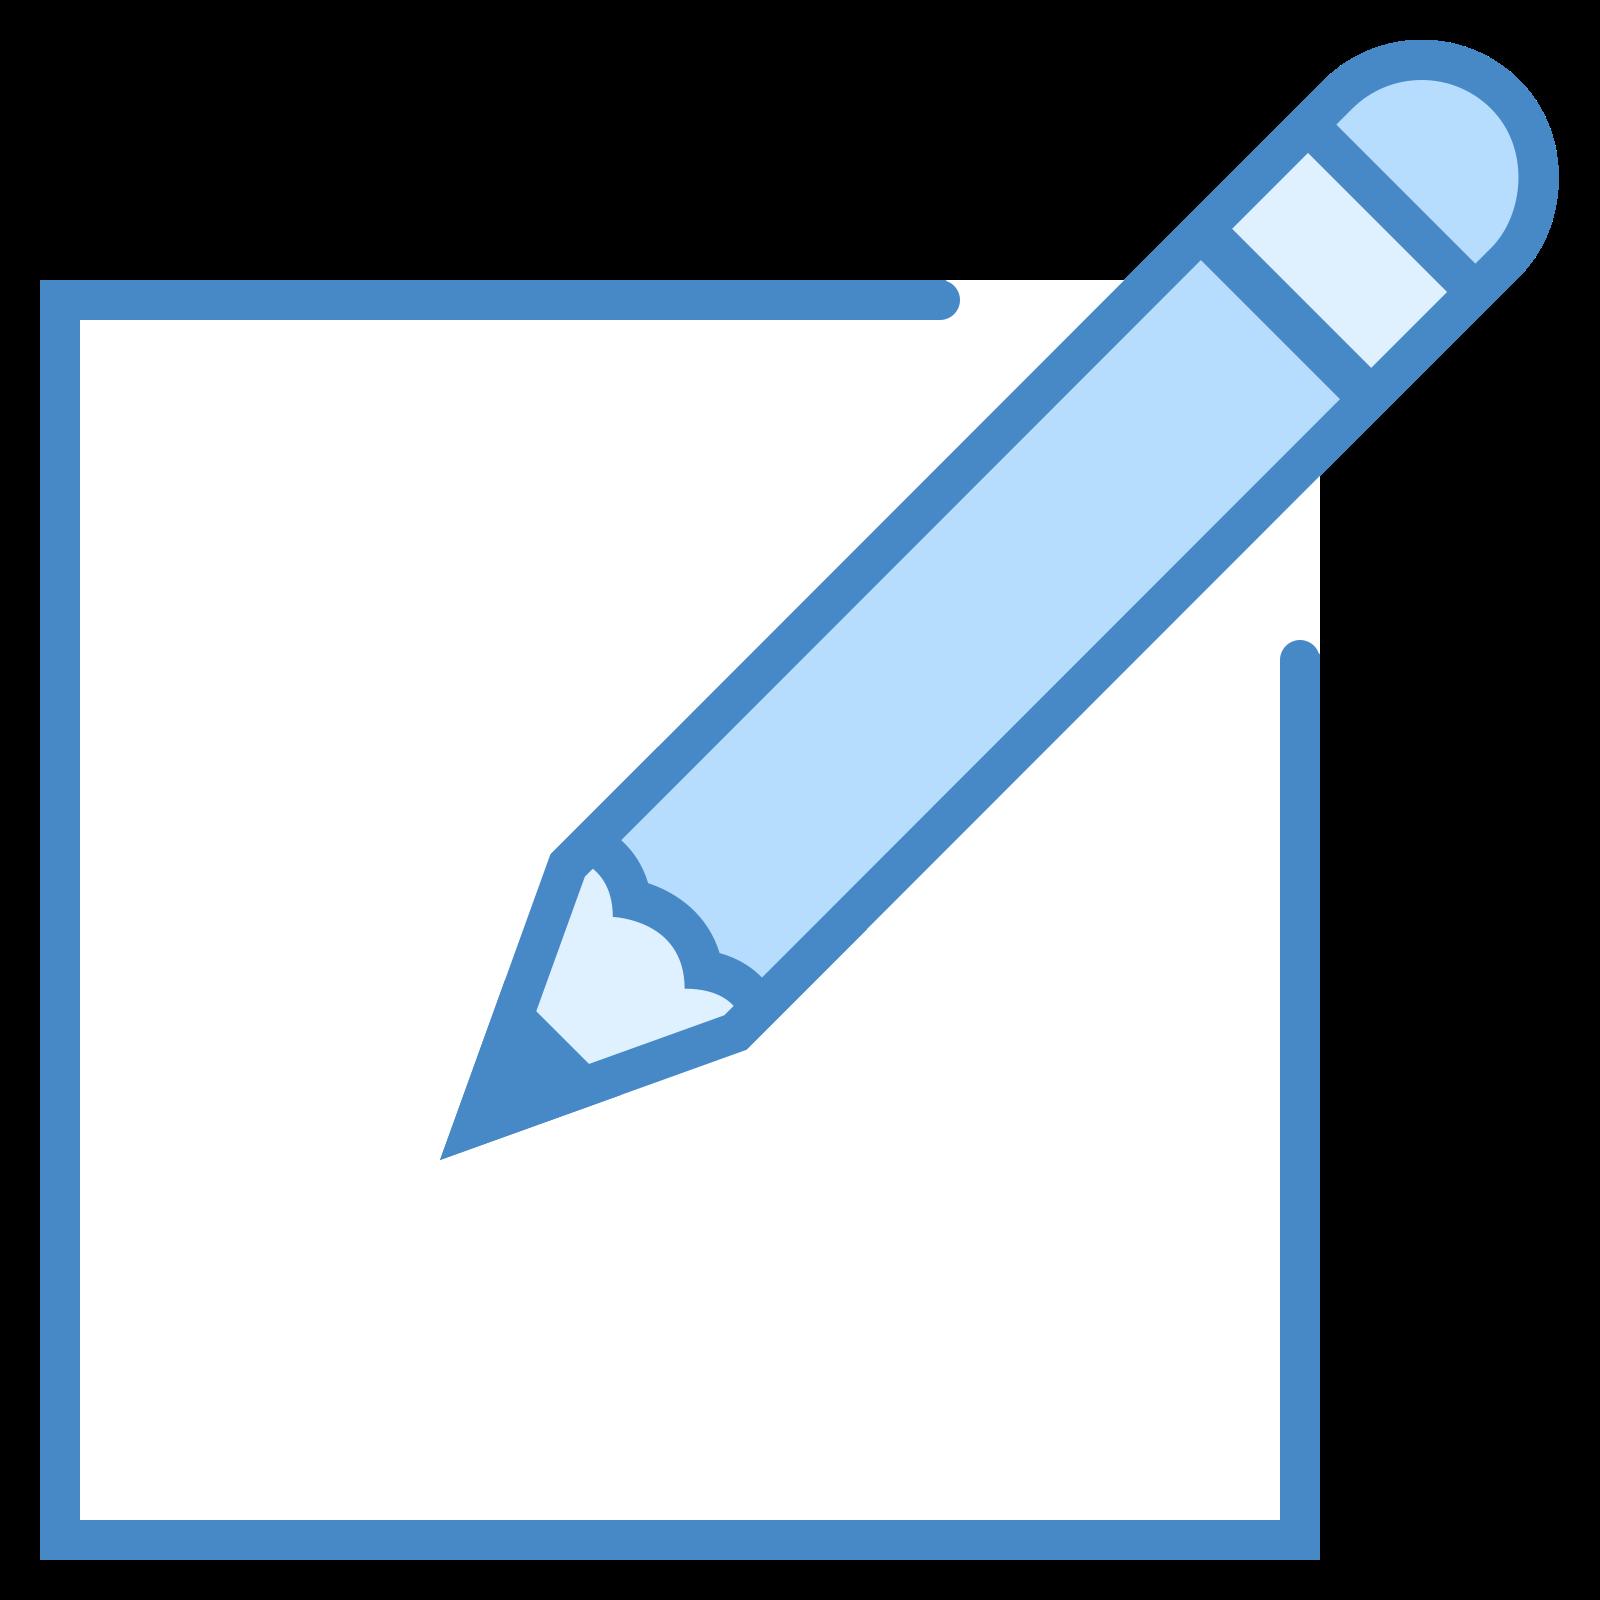 新規作成 icon. The icon is a picture of a logo for Create New. The icon is in the shape of a square. The square has a pencil located at the top right. The pencils tip is facing down to the left.